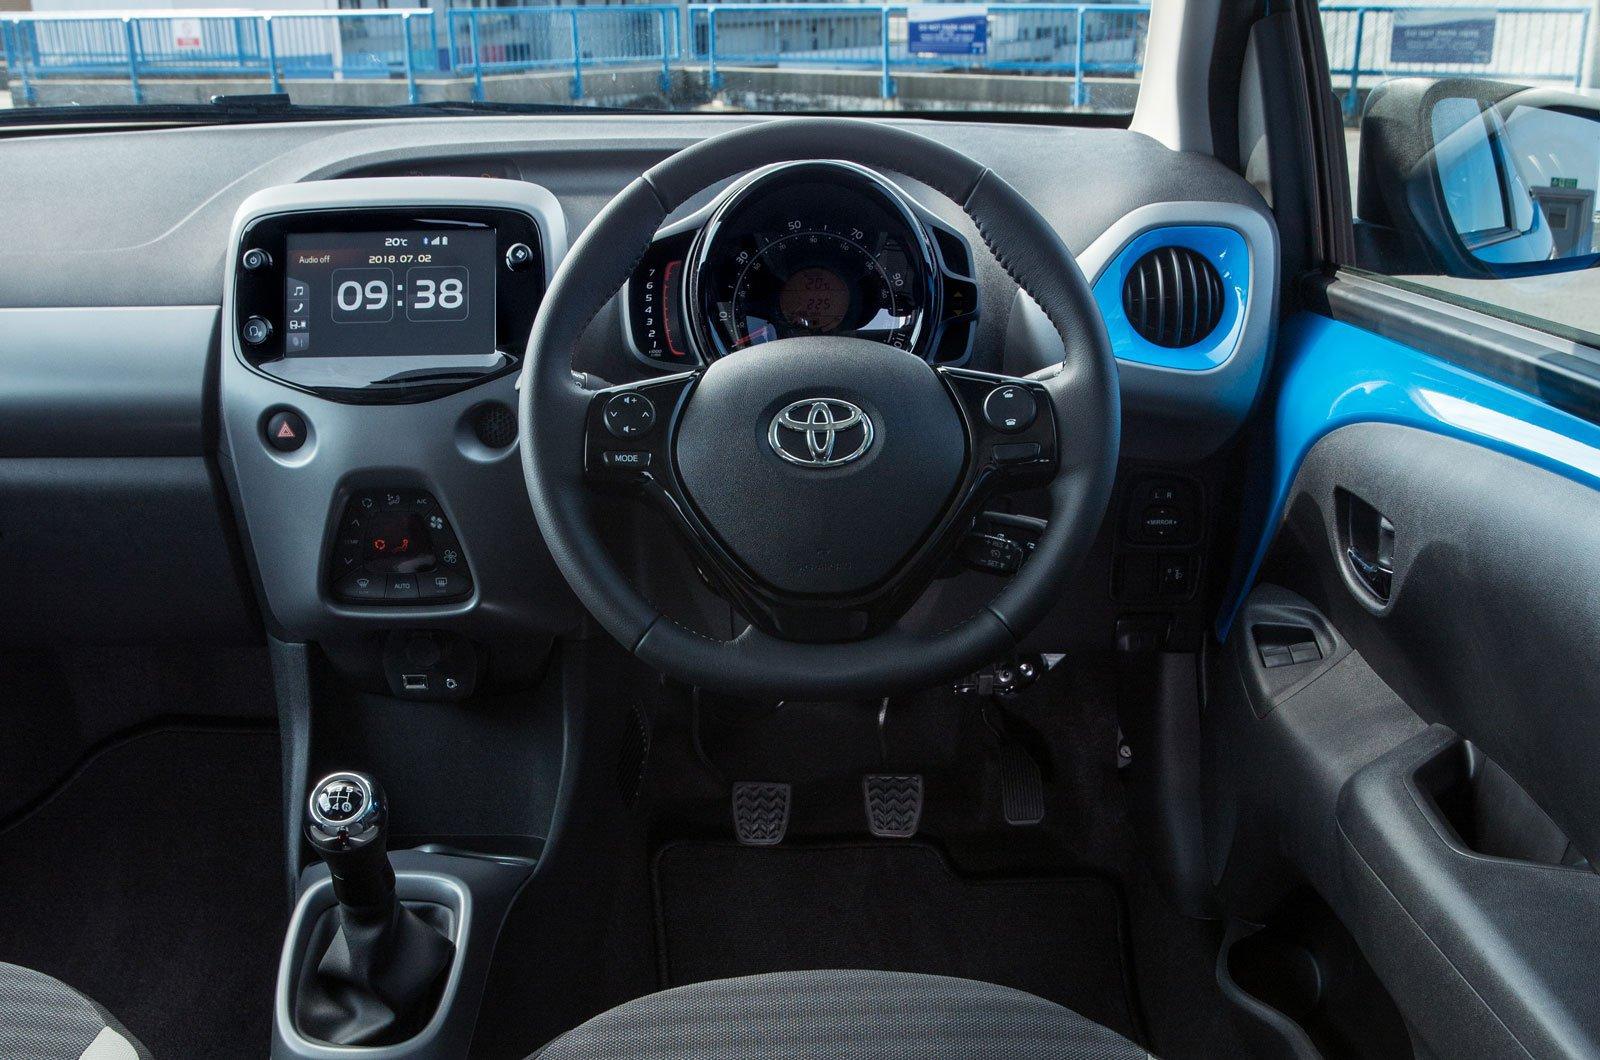 Toyota Aygo 1.0 VVT-i X-Play - interior